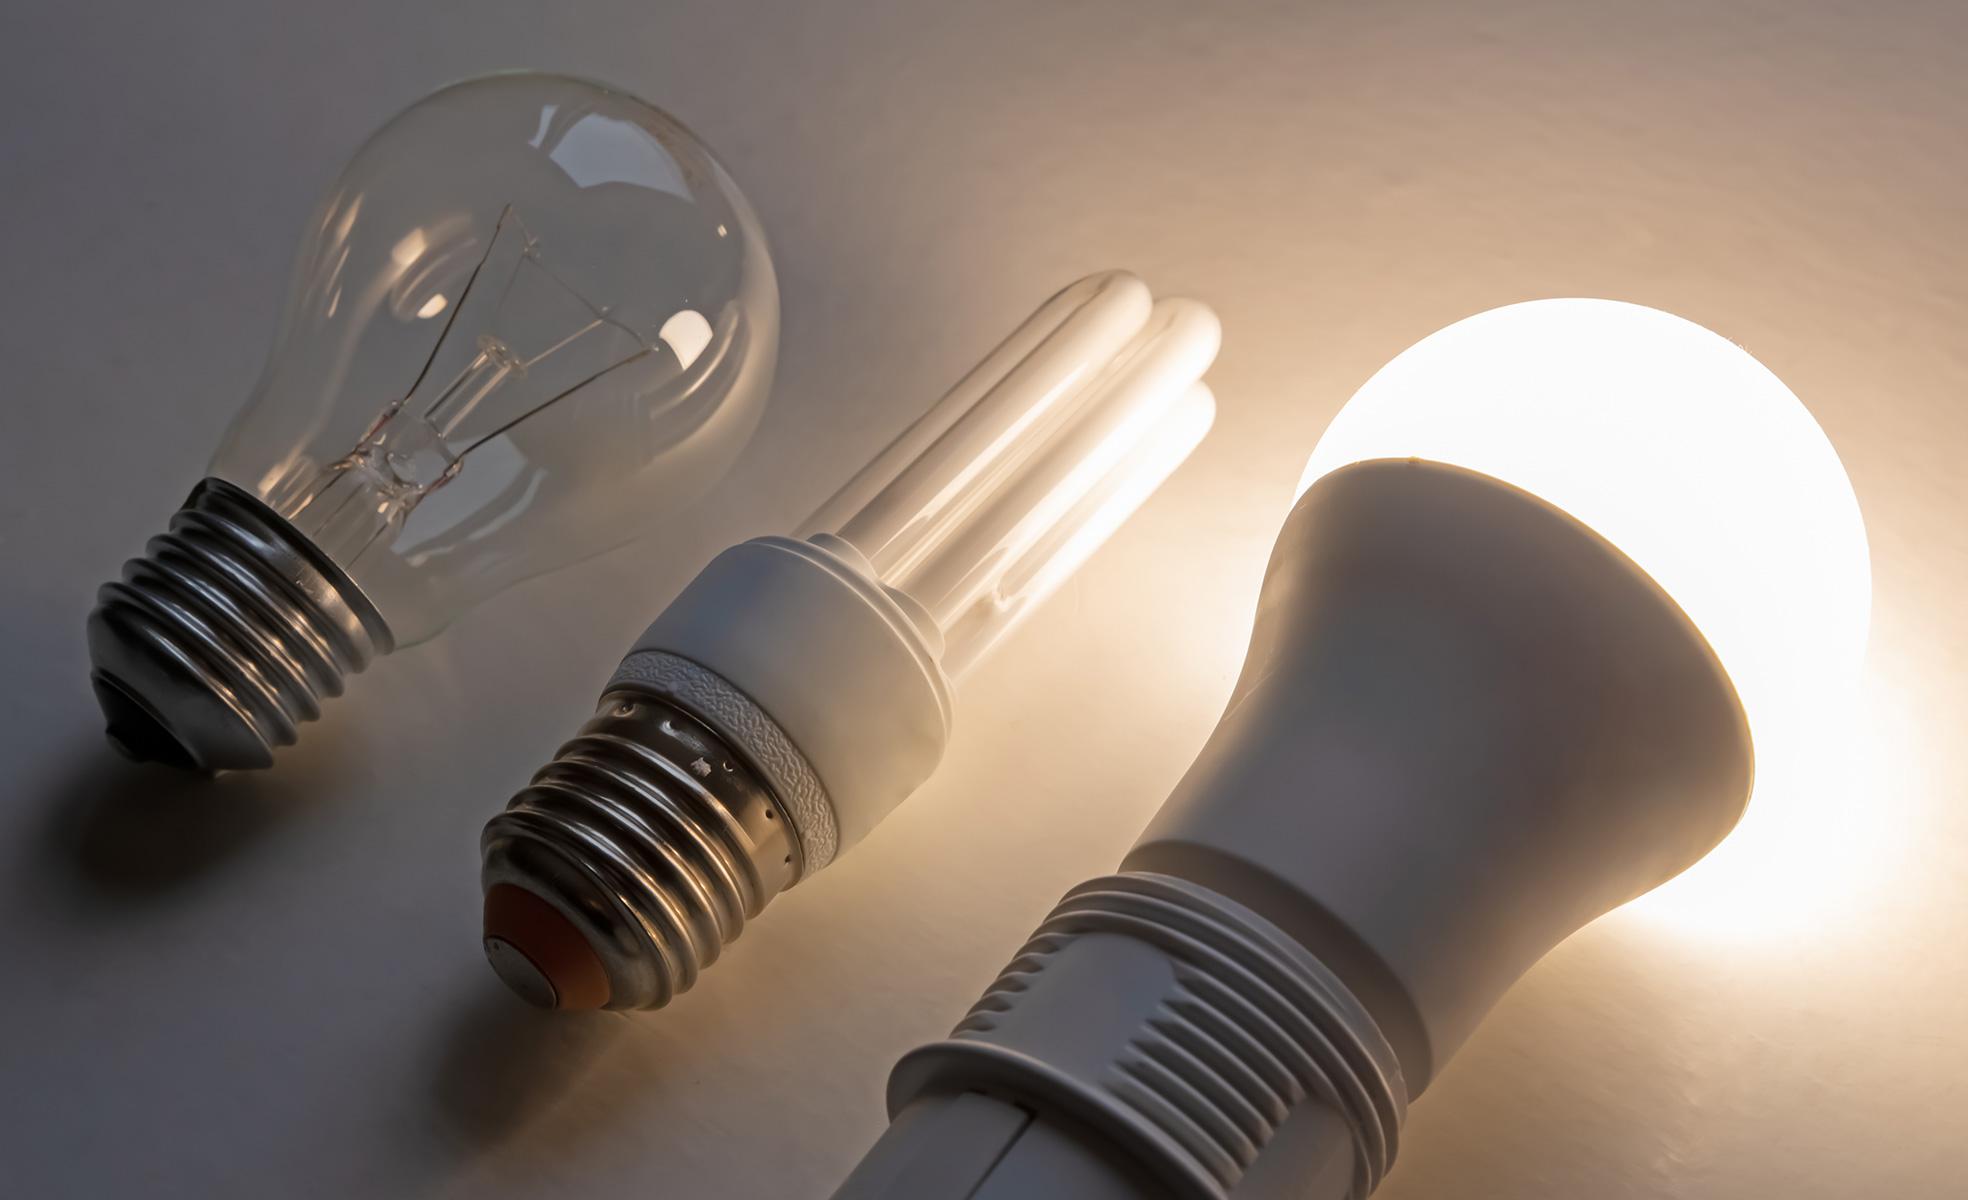 Tipos de lâmpadas | Guia da iluminação para casa | westwing.com.br